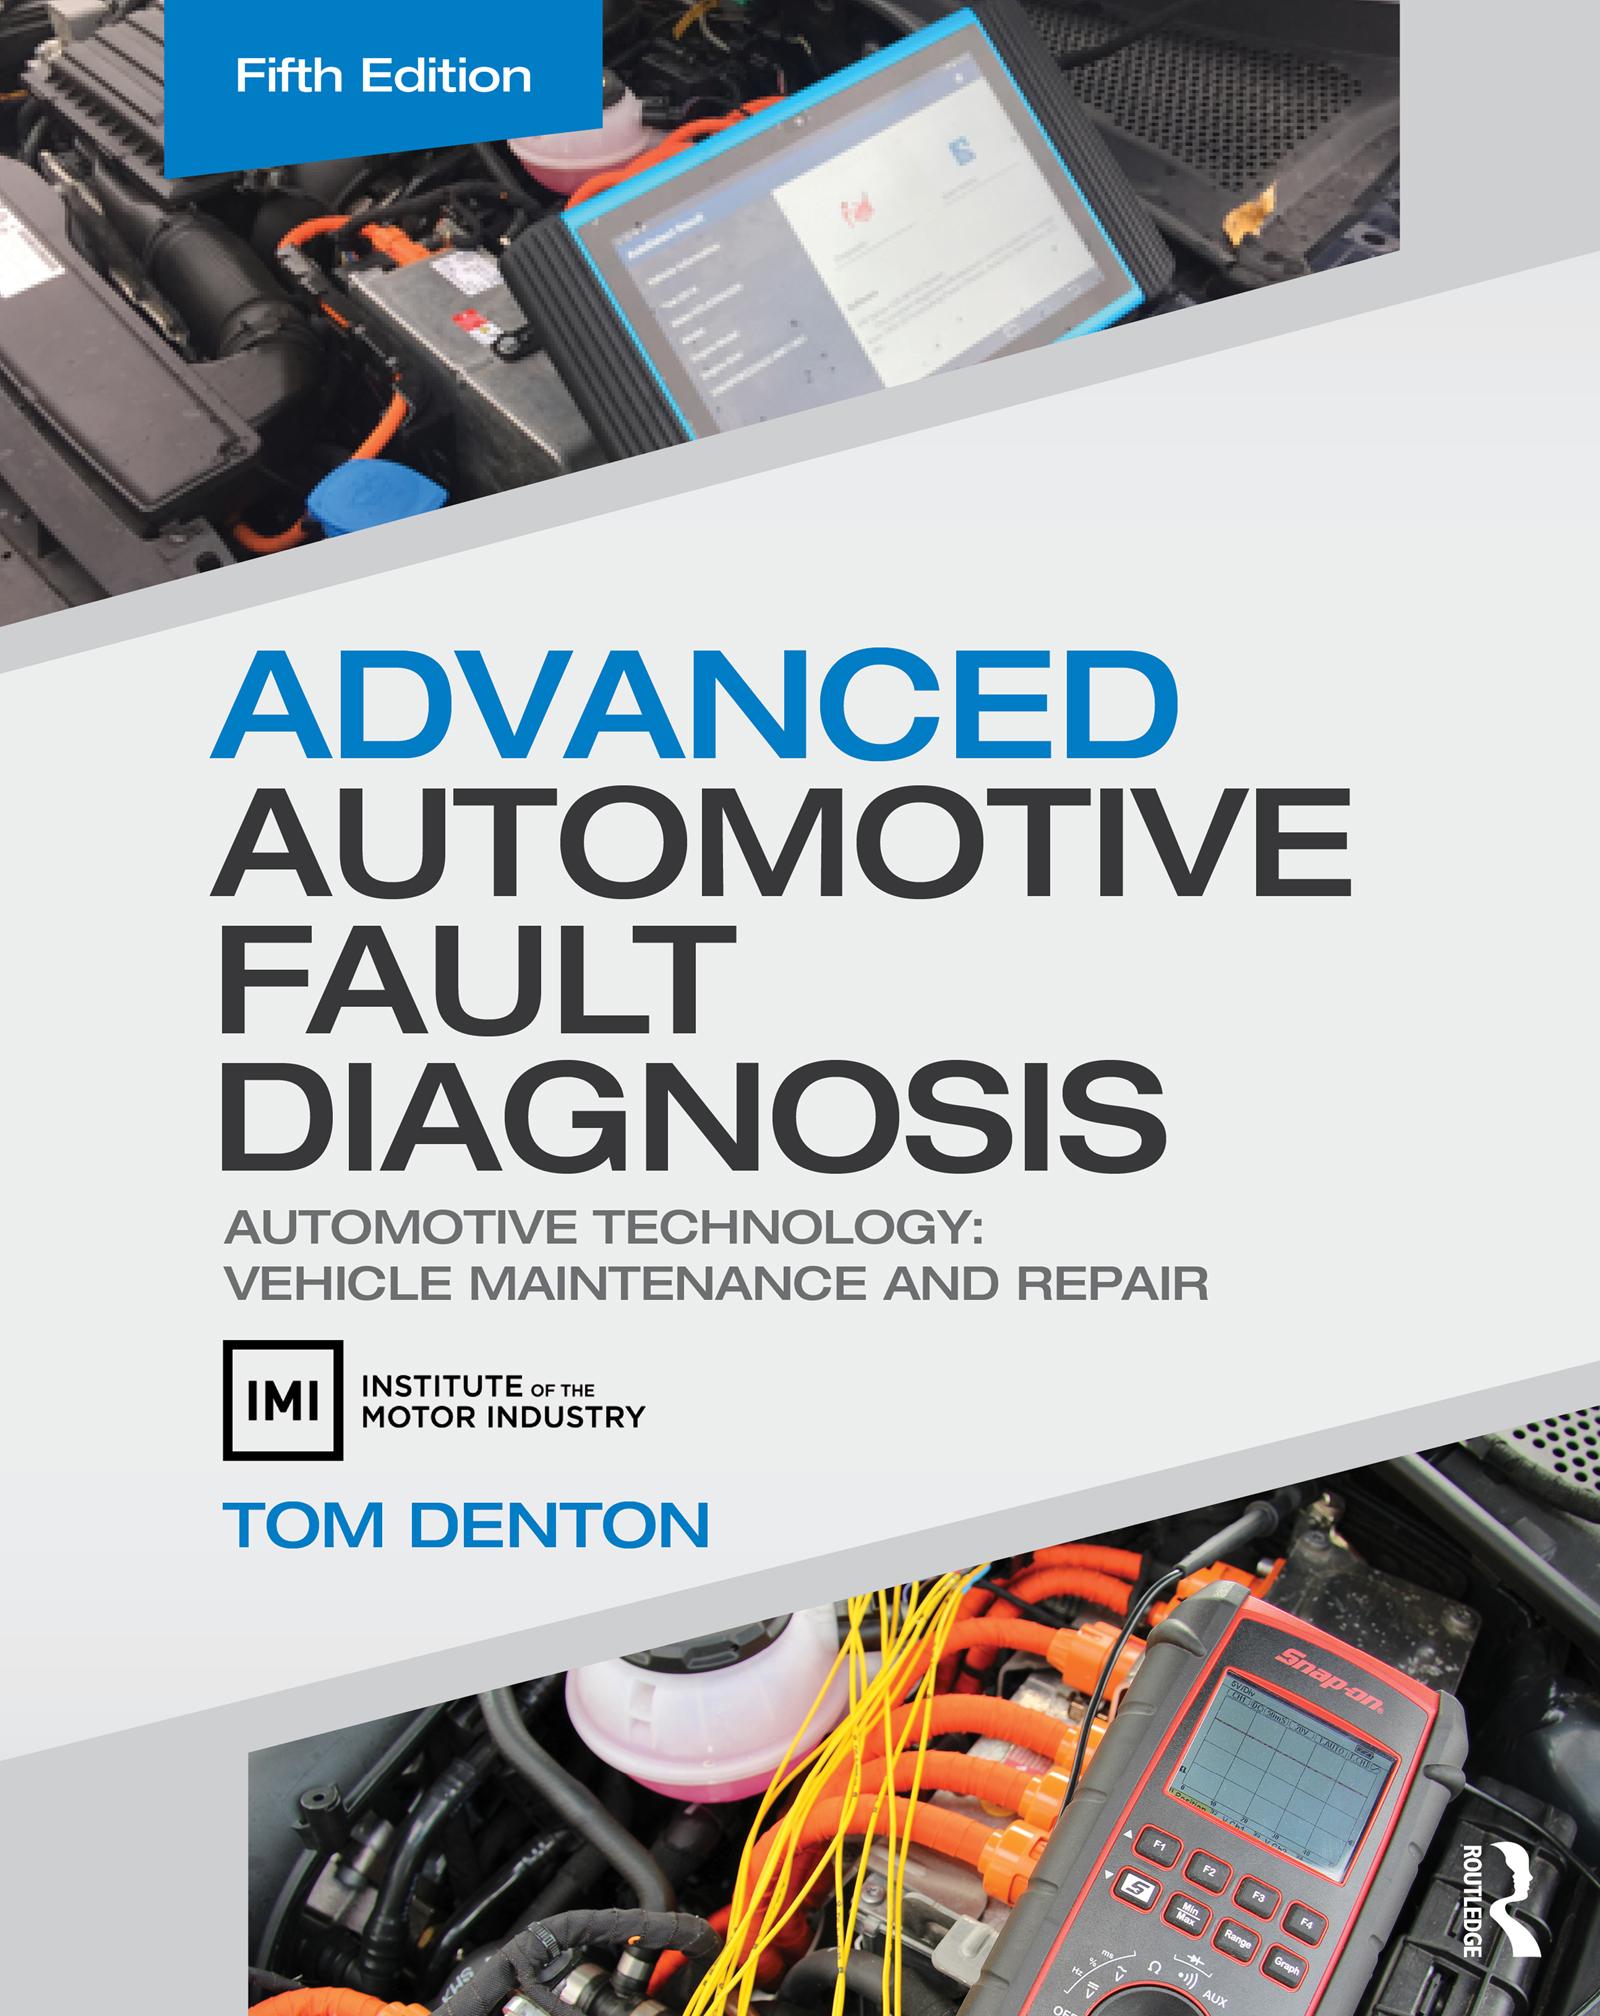 Sensors, actuators and oscilloscope diagnostics